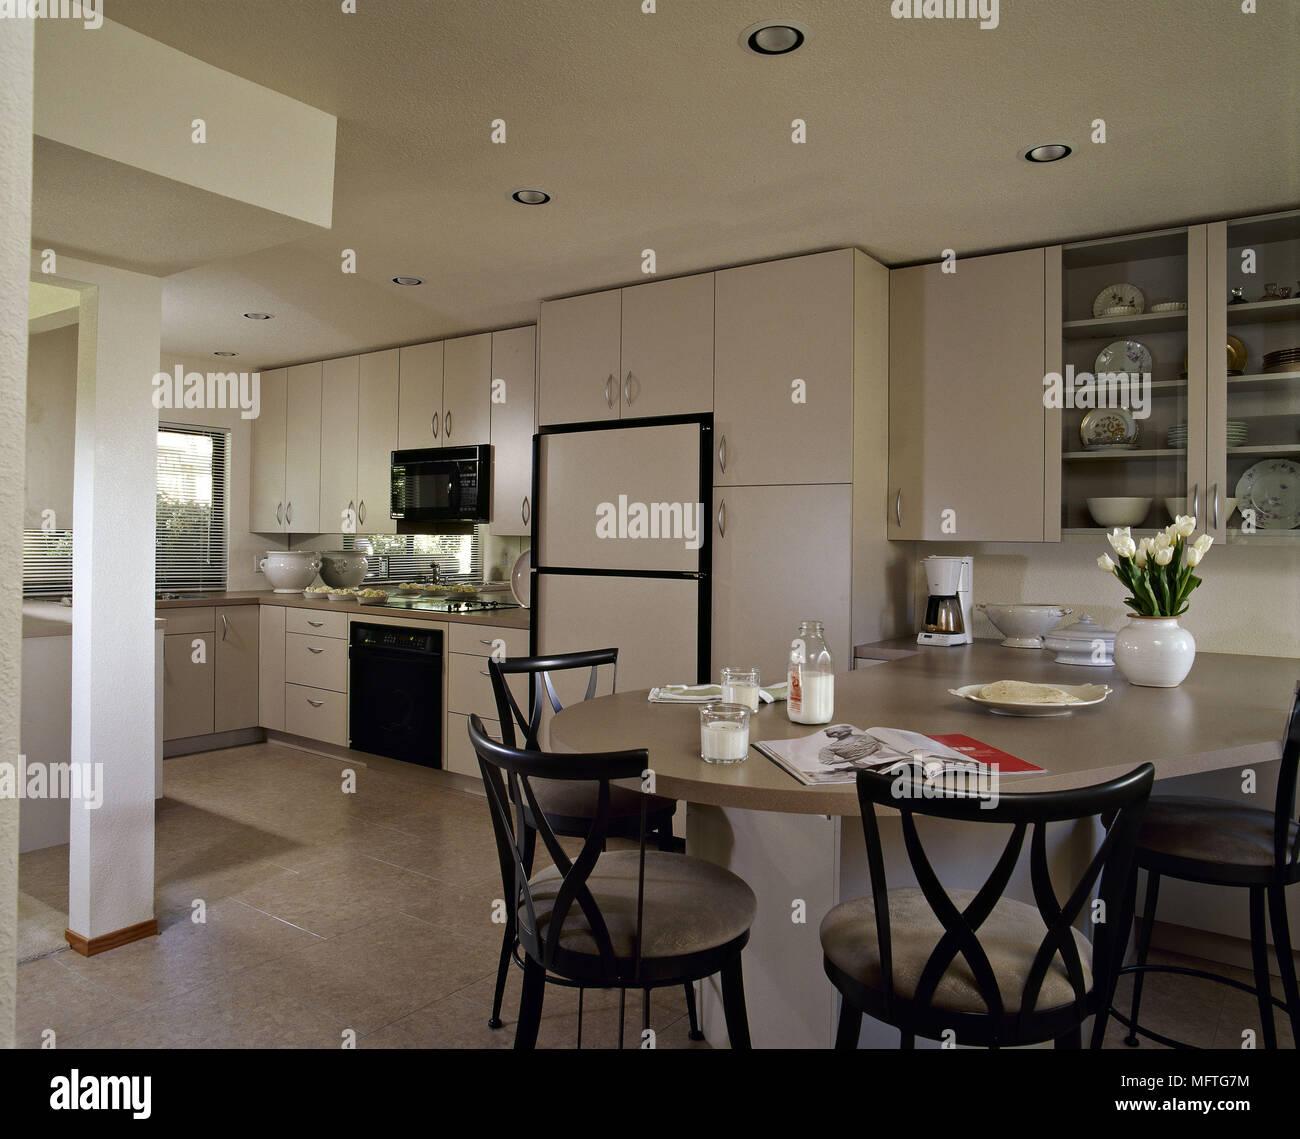 Moderne Küche Essbereich creme Einheiten runde Tisch Stühle ...